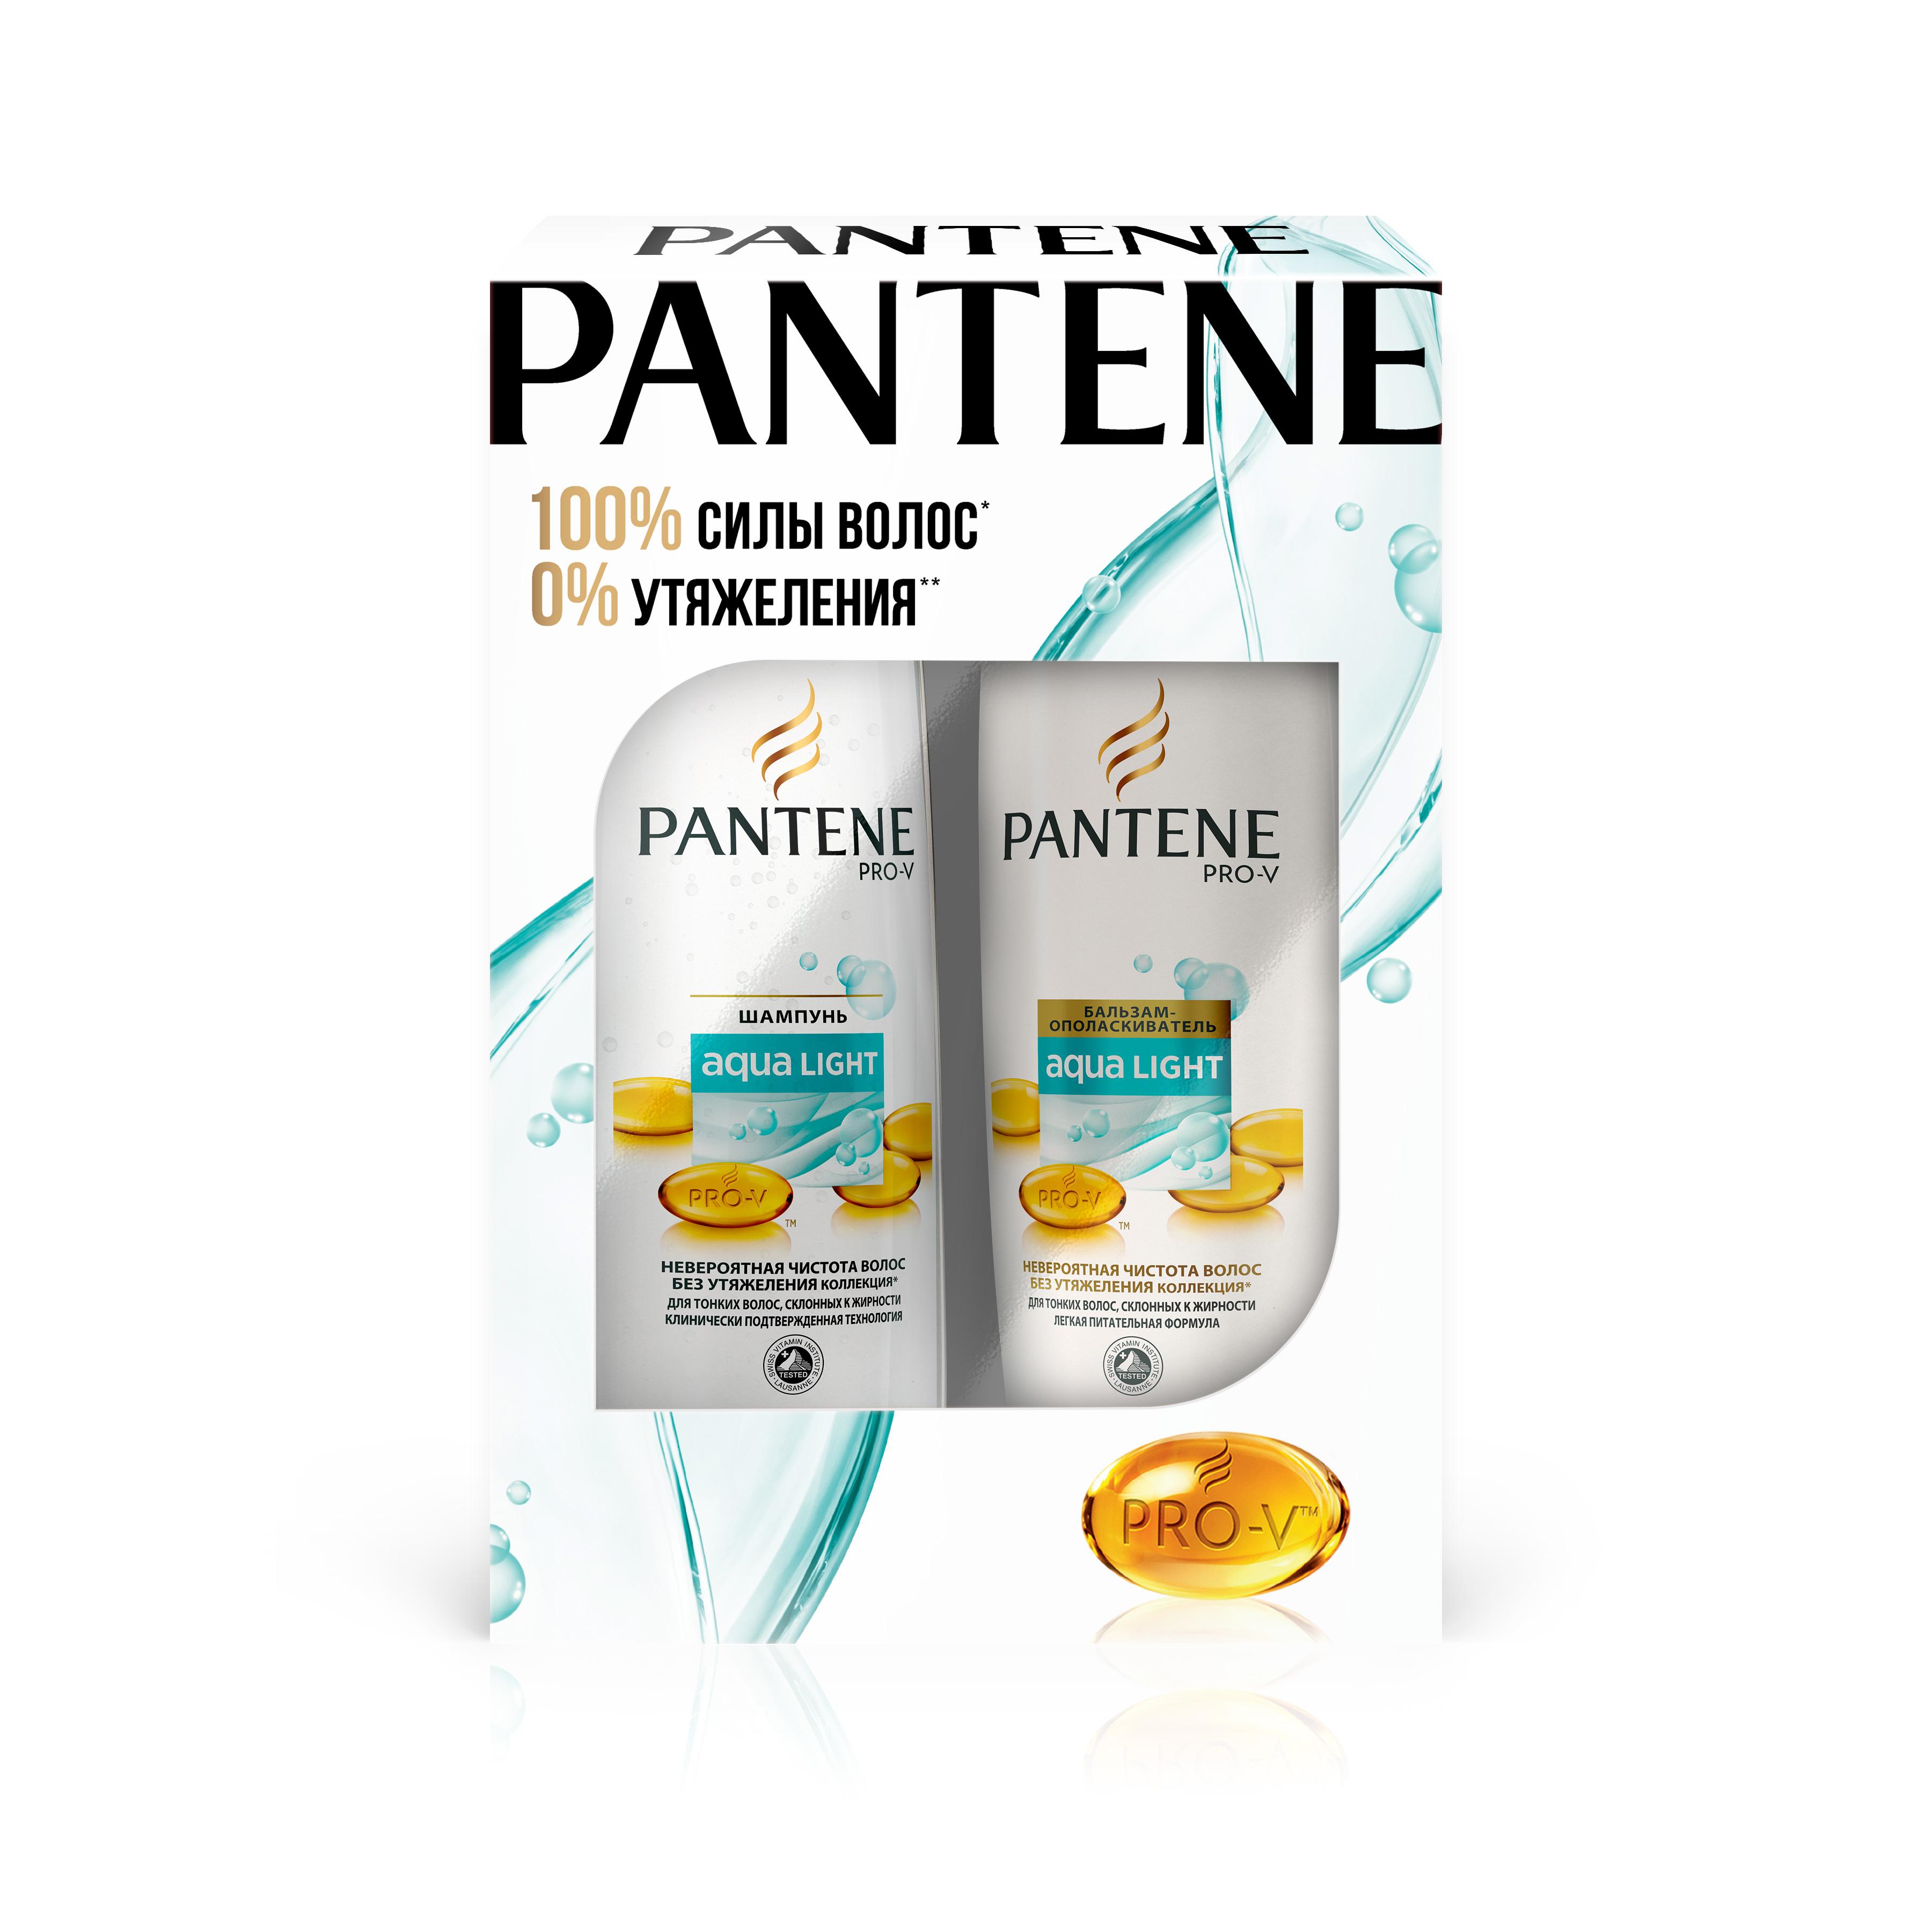 Подарочный набор Pantene шампунь 250мл + бальзам-ополаскиватель 320мл Aqua LightPT-81603173Подарочный набор от Pantene включает: Шампунь 250мл + Бальзам 200мл, серия Aqualight